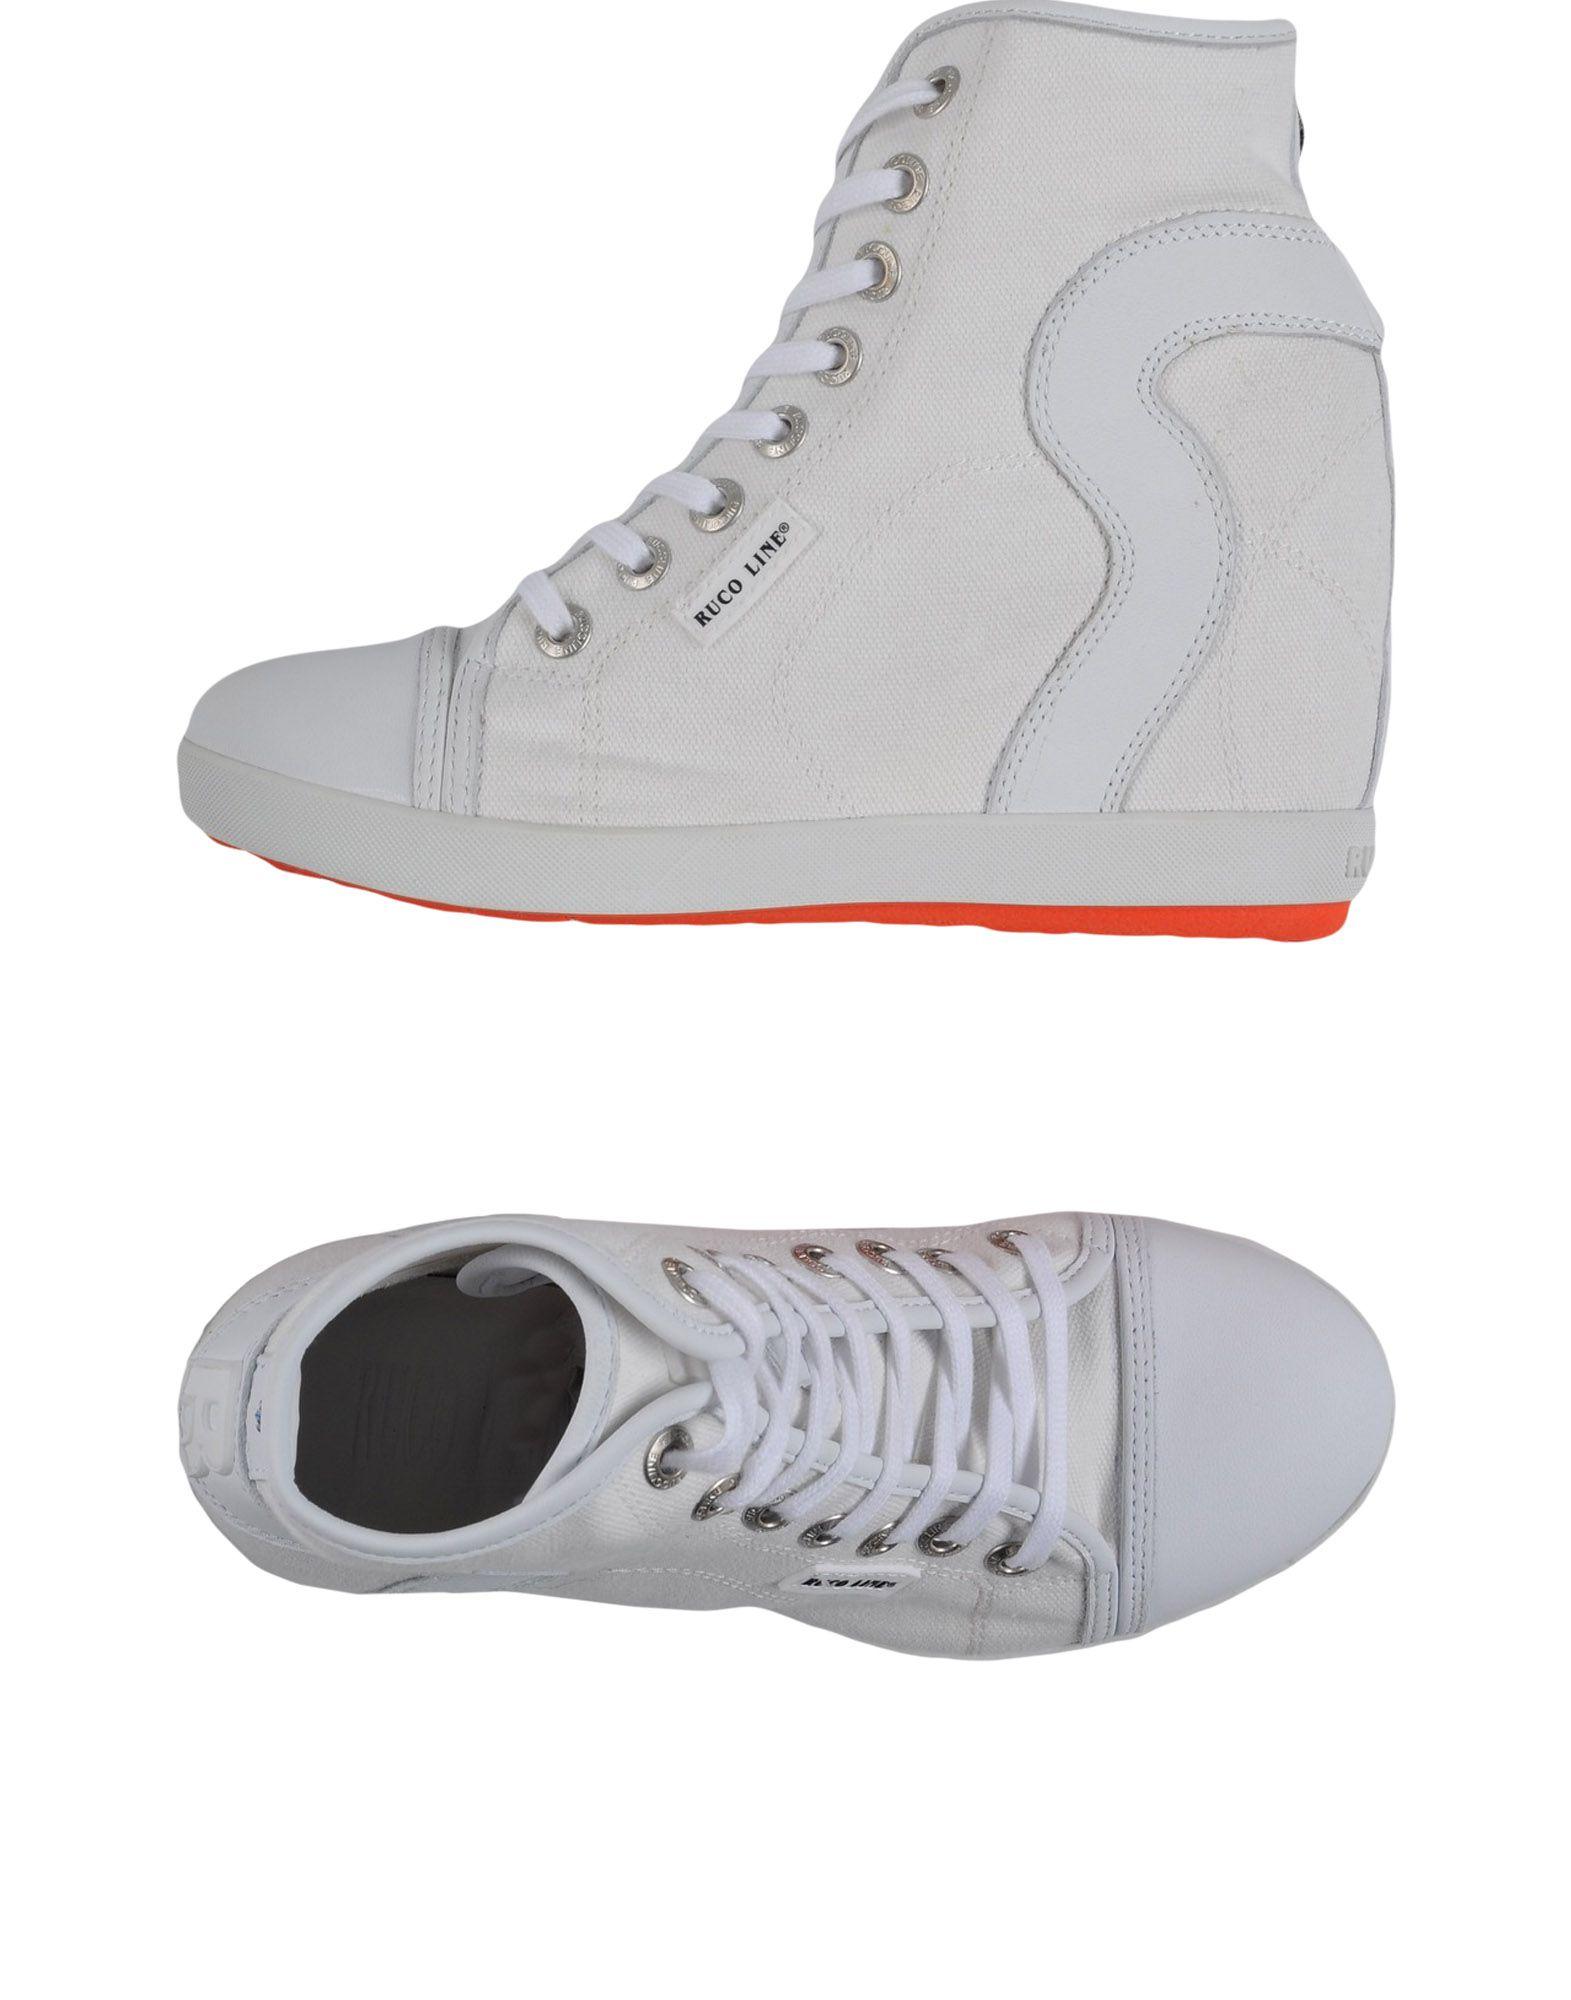 Ruco Damen Line Sneakers Damen Ruco  11334594SA 14c94e